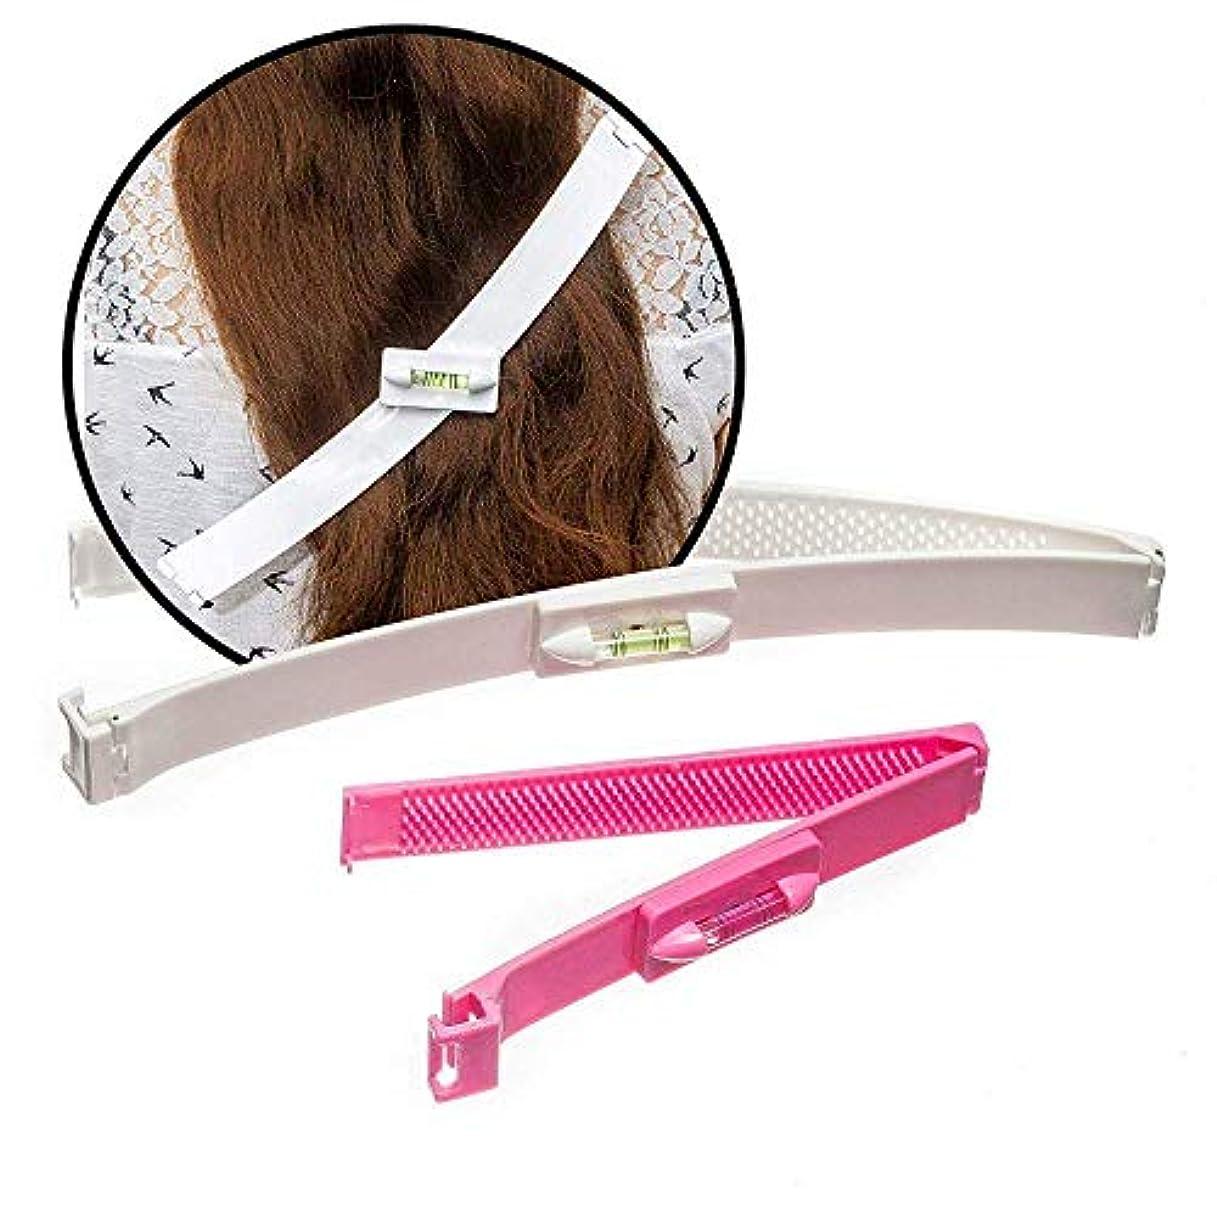 ヒョウ促すゆりPichidr-JP 前髪カットクリップ日常生活DIYの前髪カット女性/女の子のための櫛カット